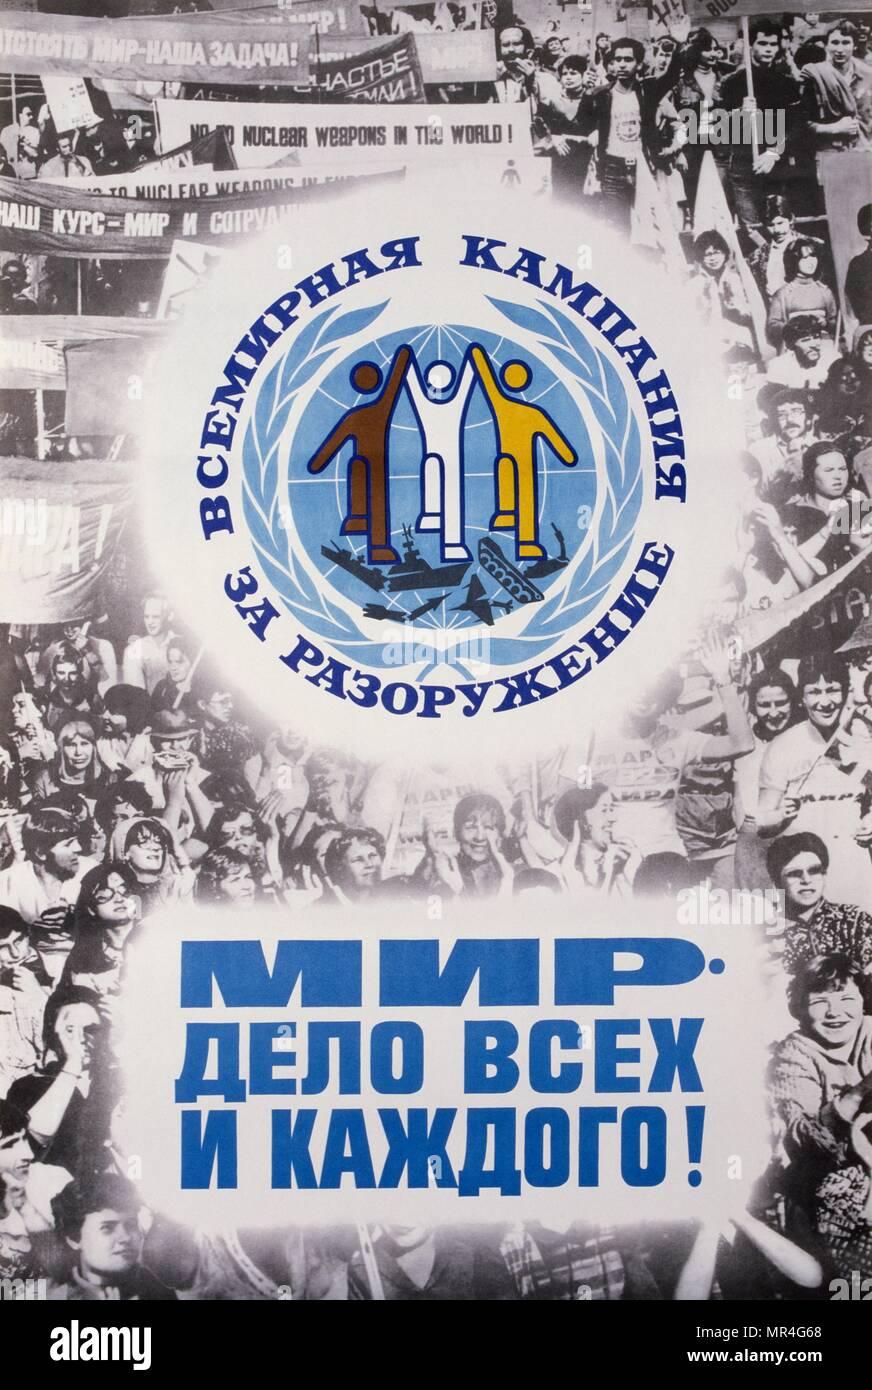 Anti-guerra ruso soviético, el póster de la campaña de paz durante la guerra fría 1983 Imagen De Stock